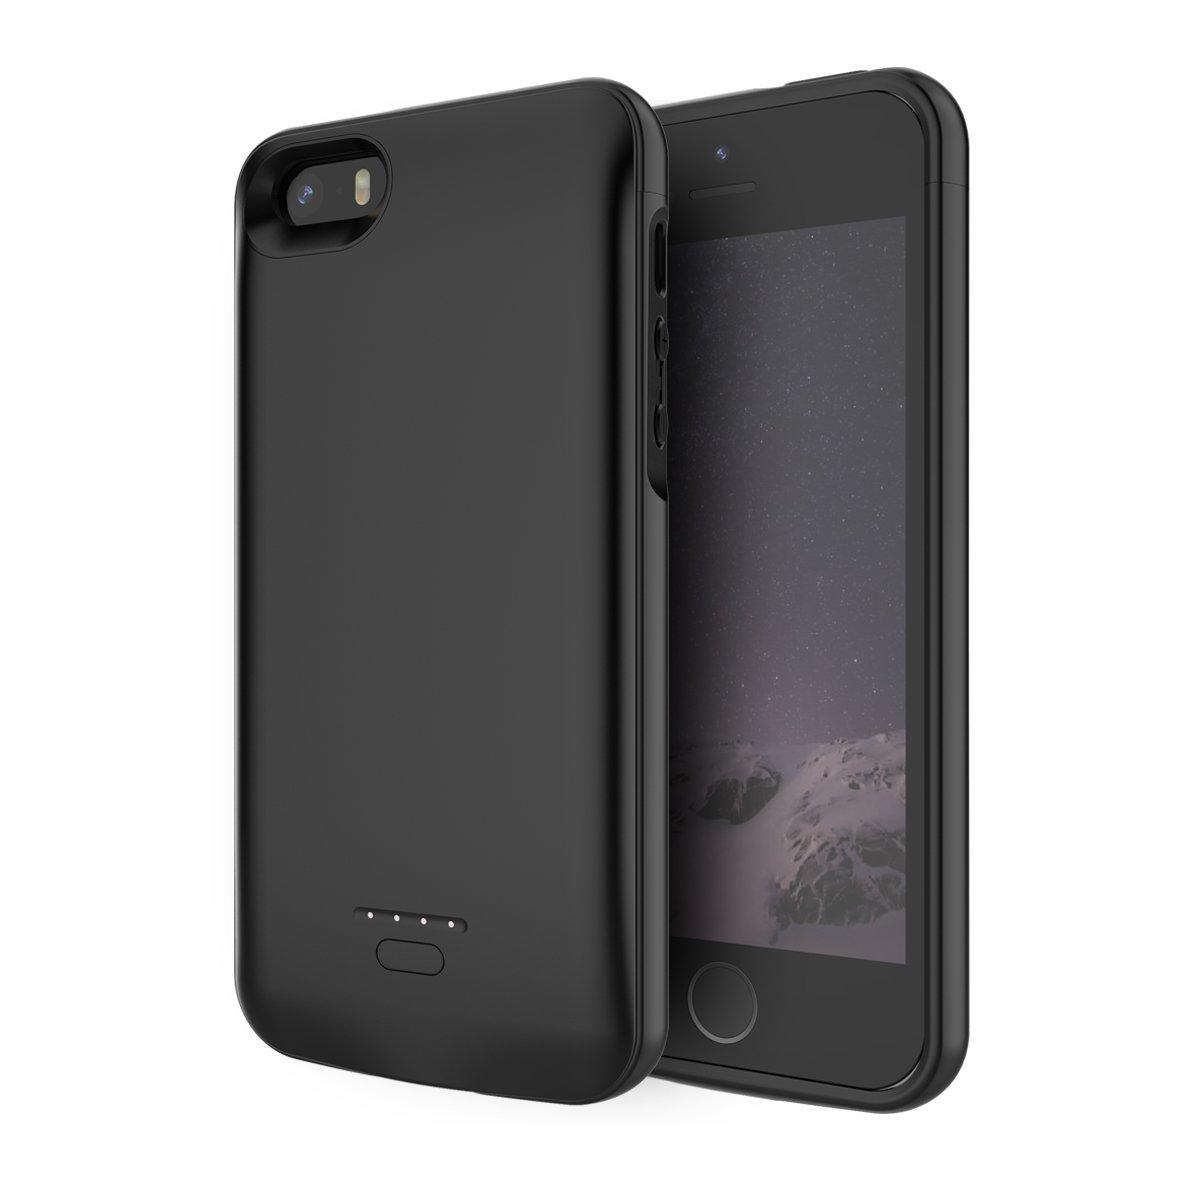 Moonmini Funda Batería iPhone SE 5 5S, BasicStock 4000mAh Batería Externa Recargable Ultra Delgada Protector portátil Carga Caso de Prueba de Choque ...